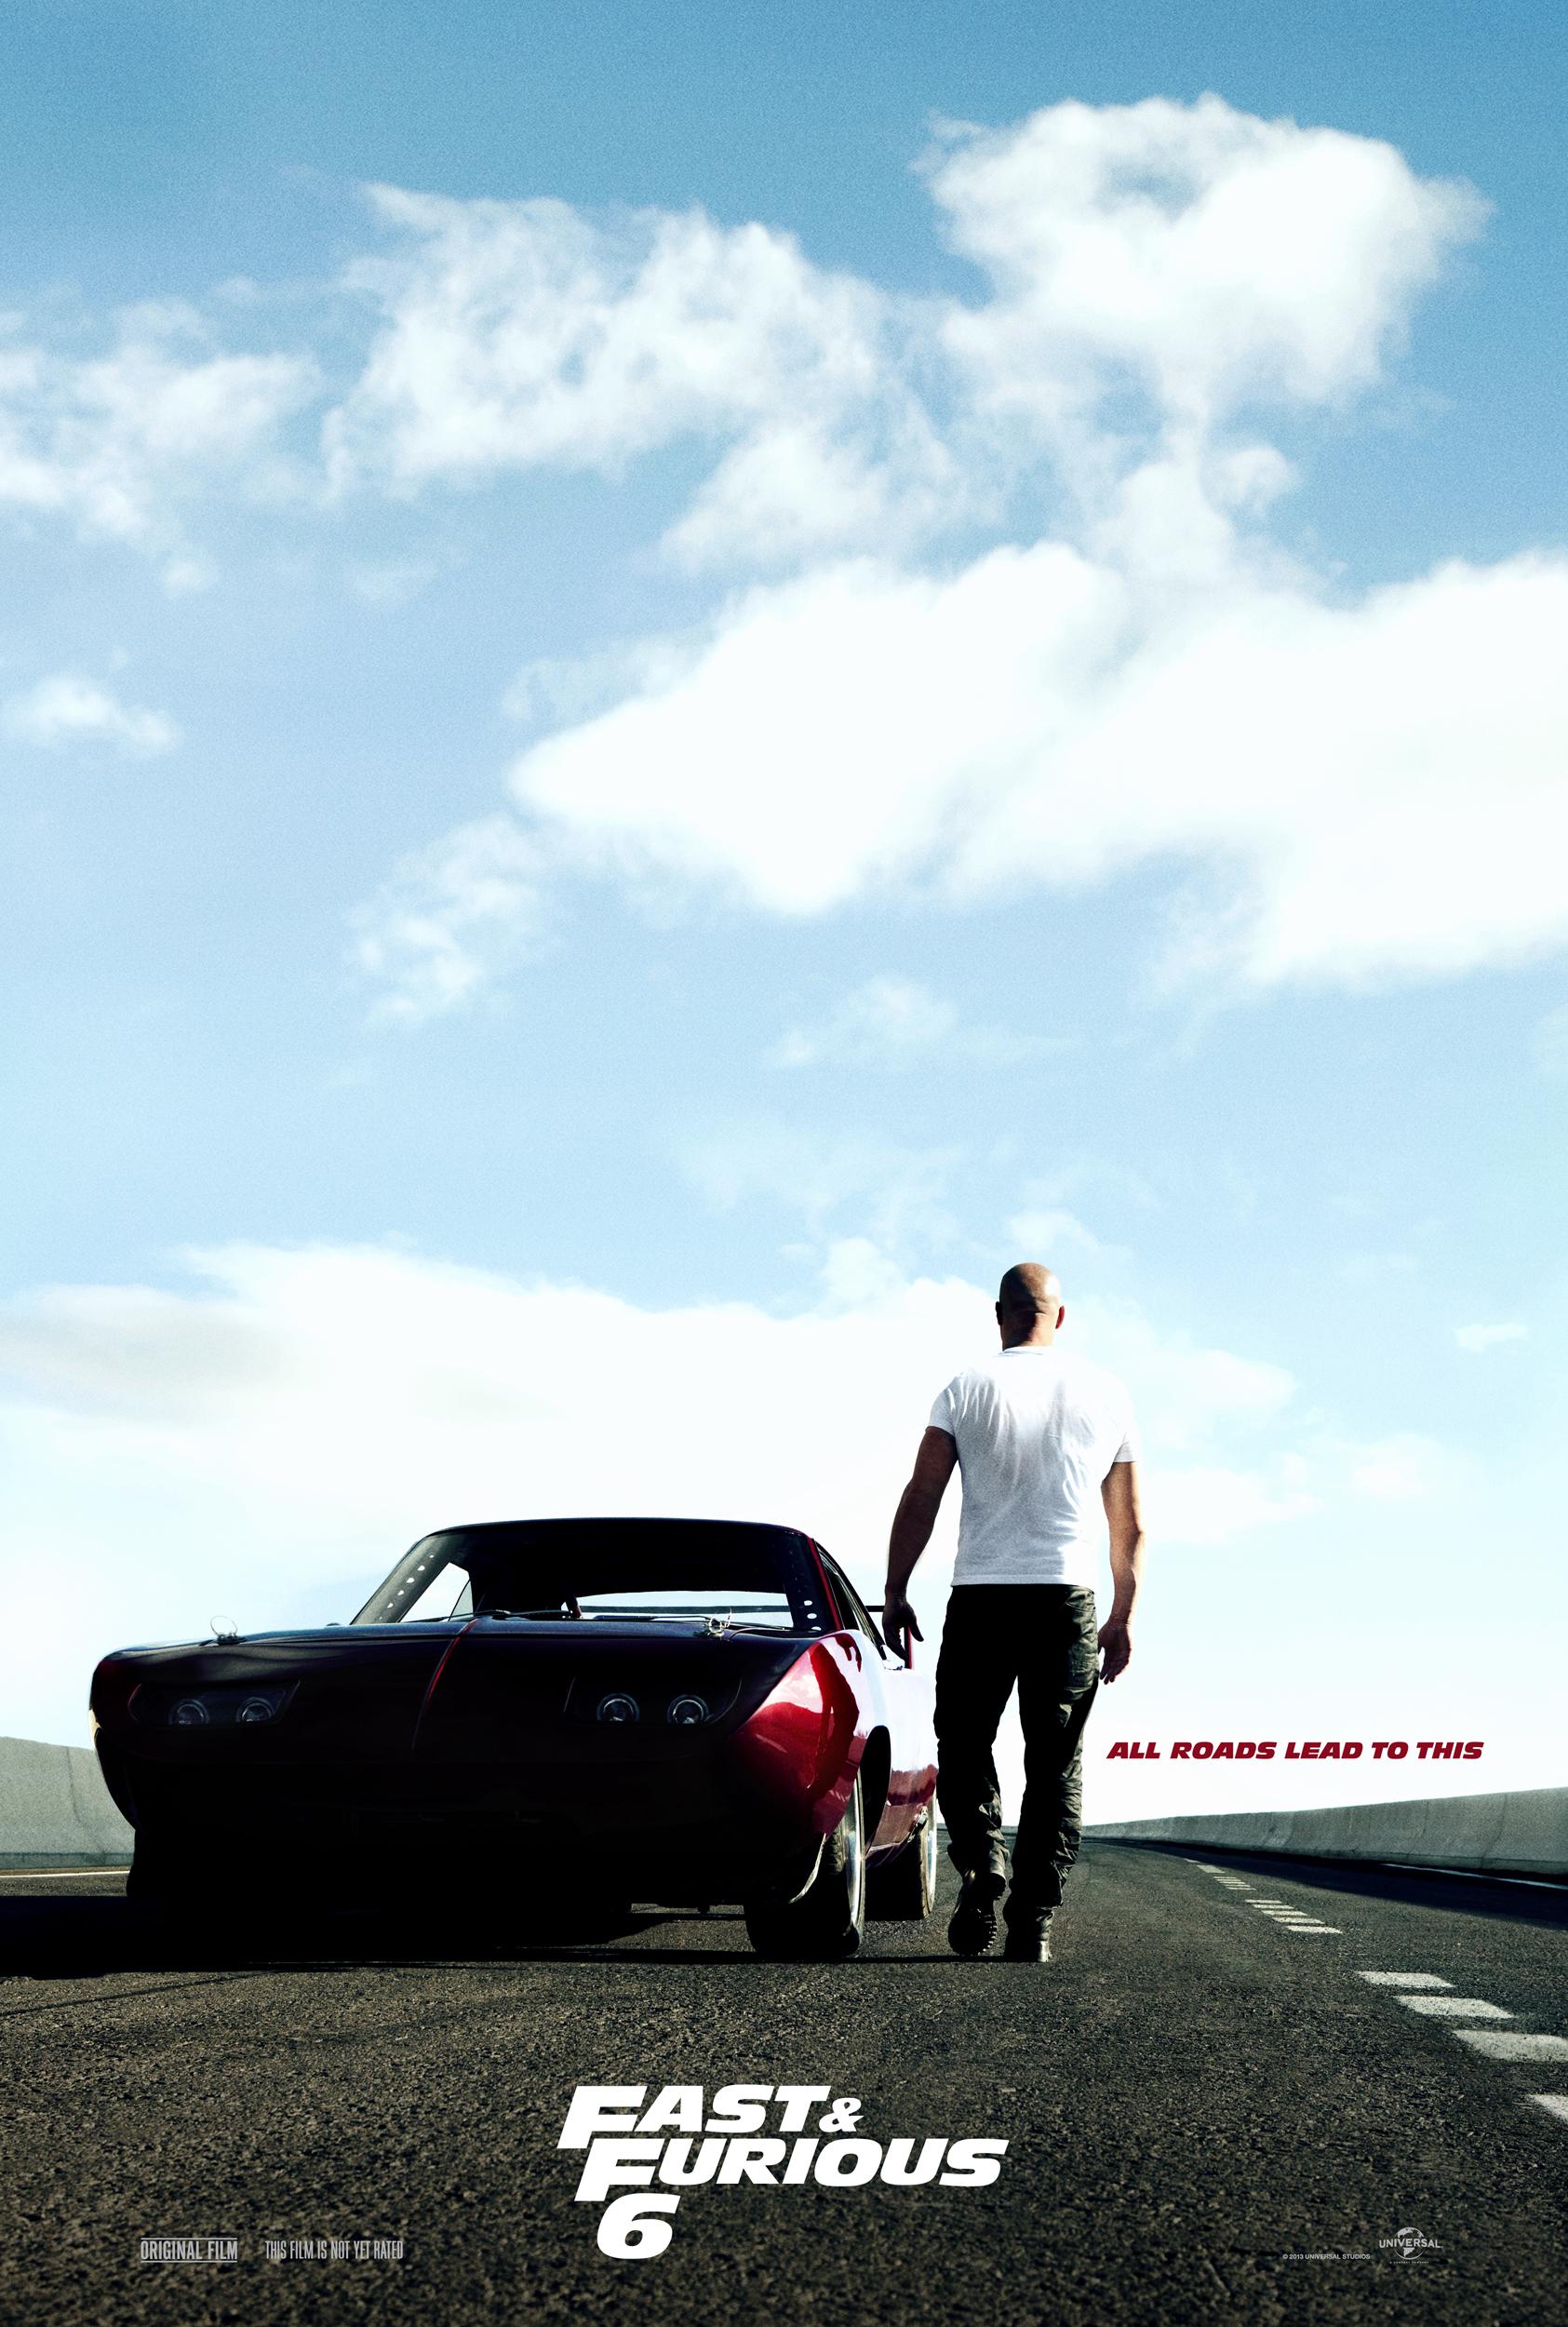 Fast & Furious 6 - Movie Poster #1 (Original)